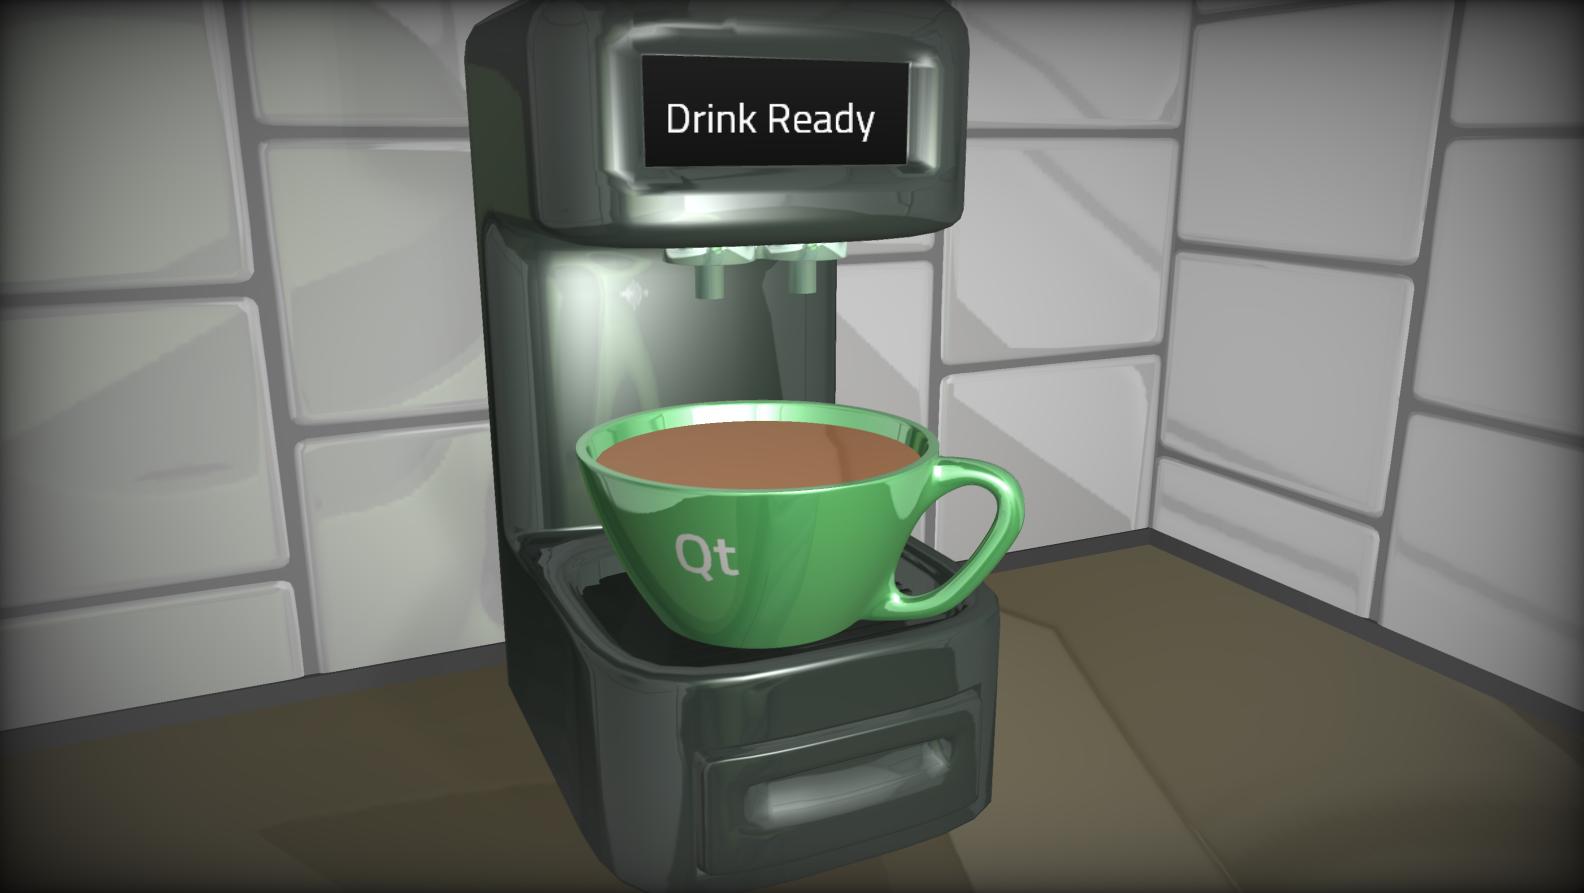 CoffeeMaker/images/coffeemaker.png